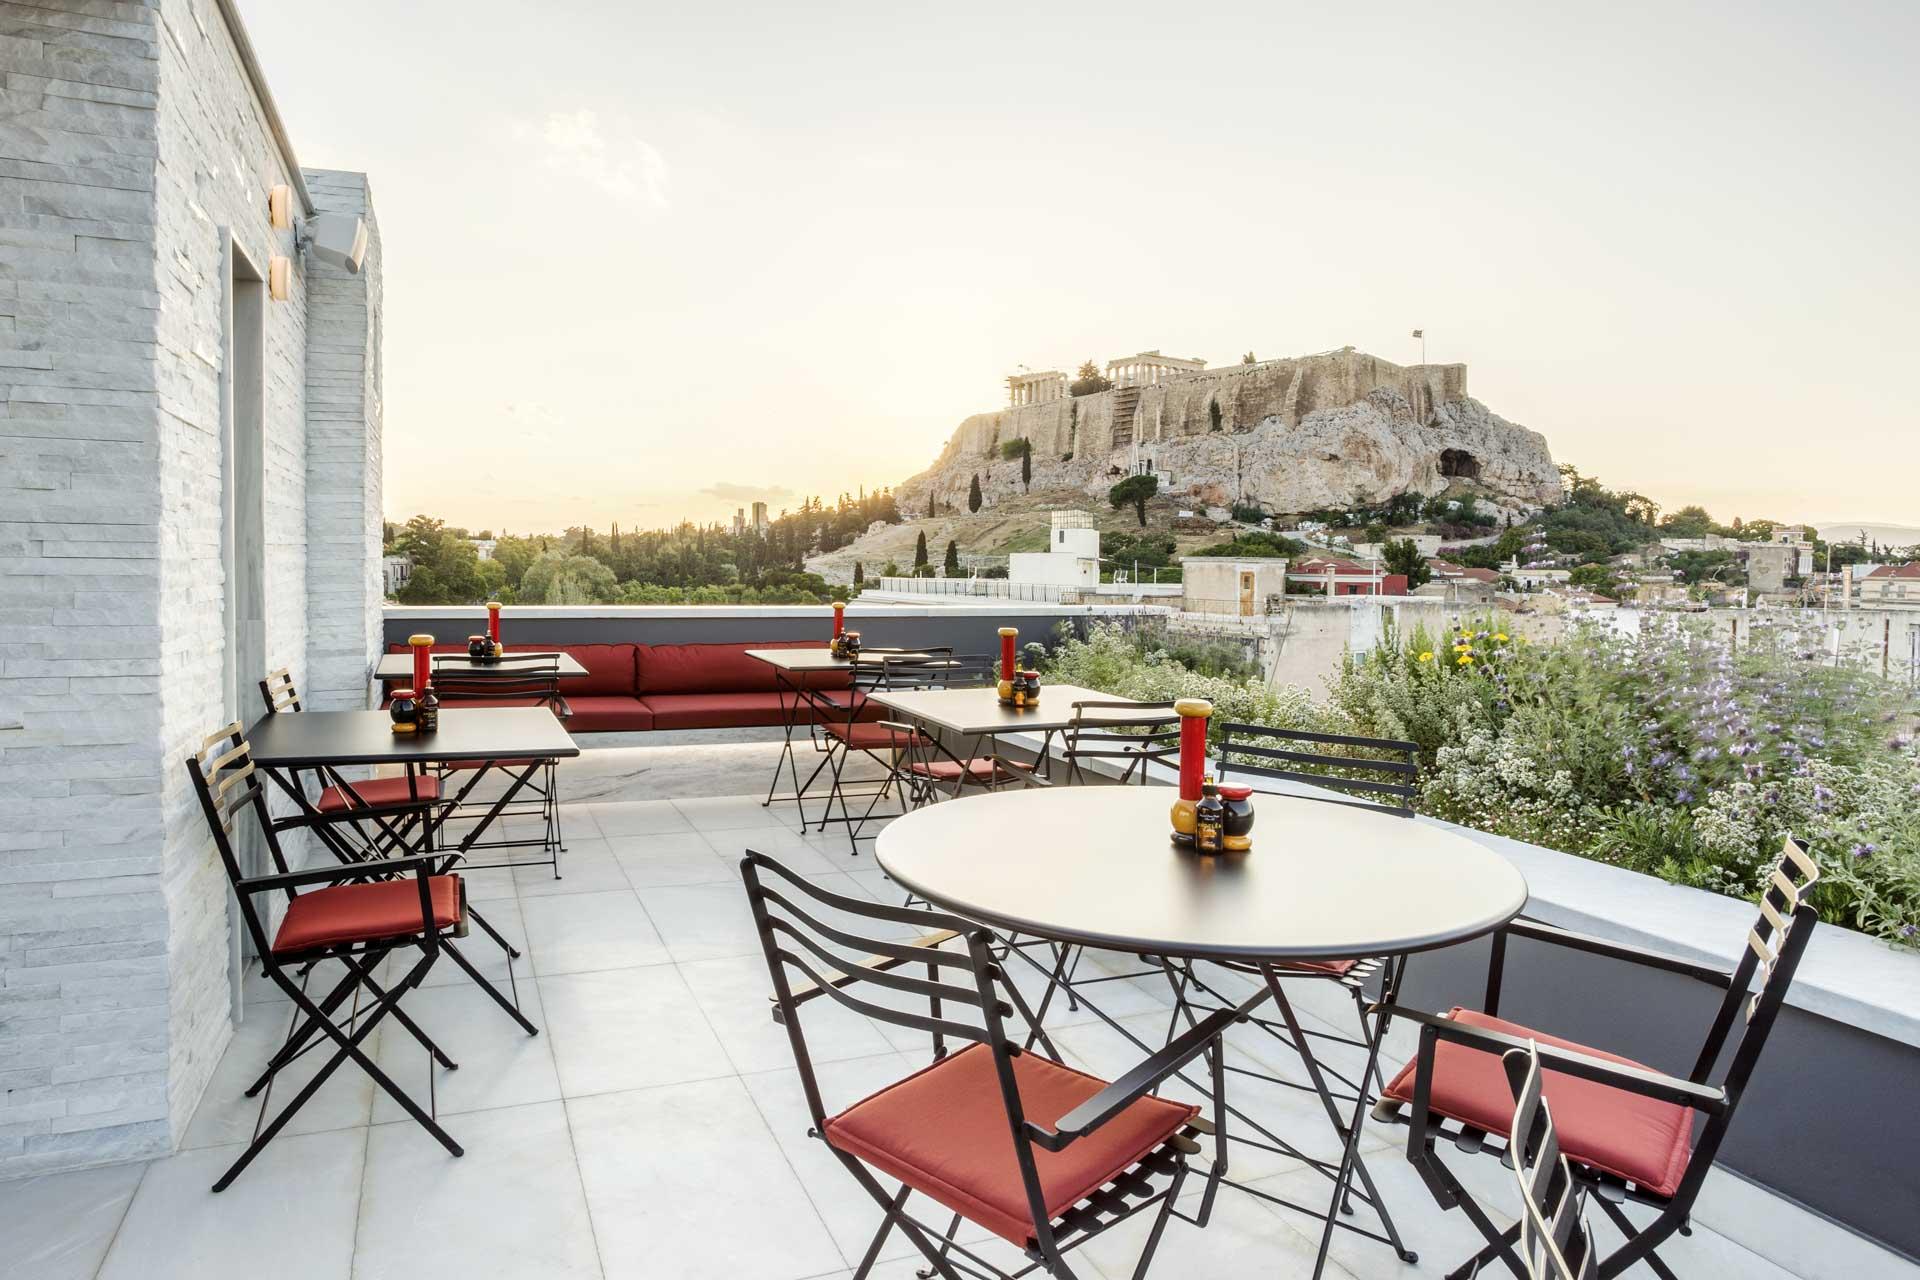 Au-delà de son patrimoine incomparable, Athènes est aussi une capitale ancrée dans son temps avec son lot d'adresses chics ou branchées, idéales pour une escale prolongée avant de filer sur les îles ou un city break dédié. Sélection des meilleurs hôtels, restaurants, bars et autres spots à découvrir.